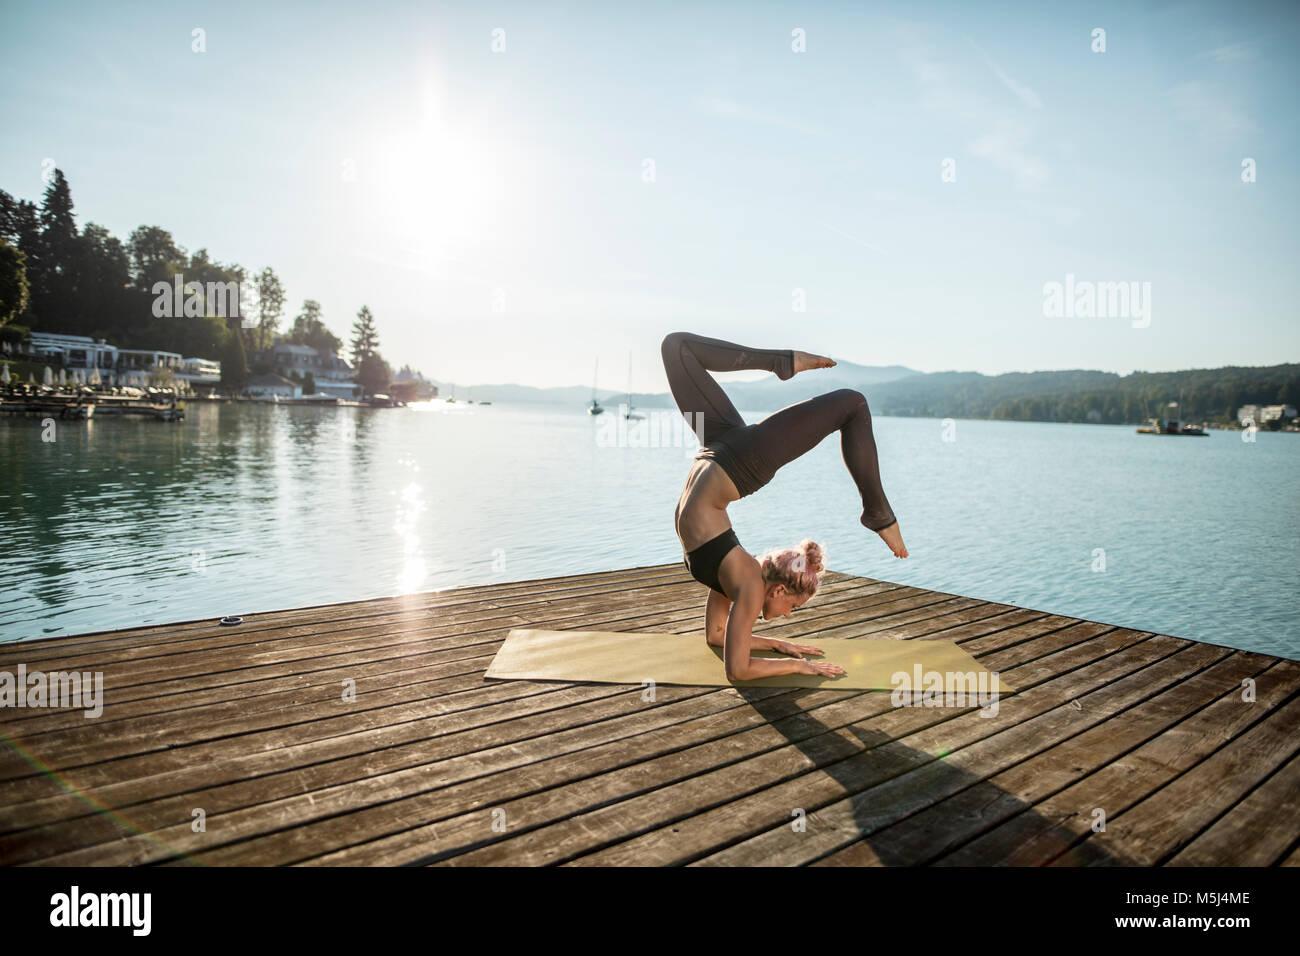 Mujer practicando yoga en muelle en un lago Imagen De Stock